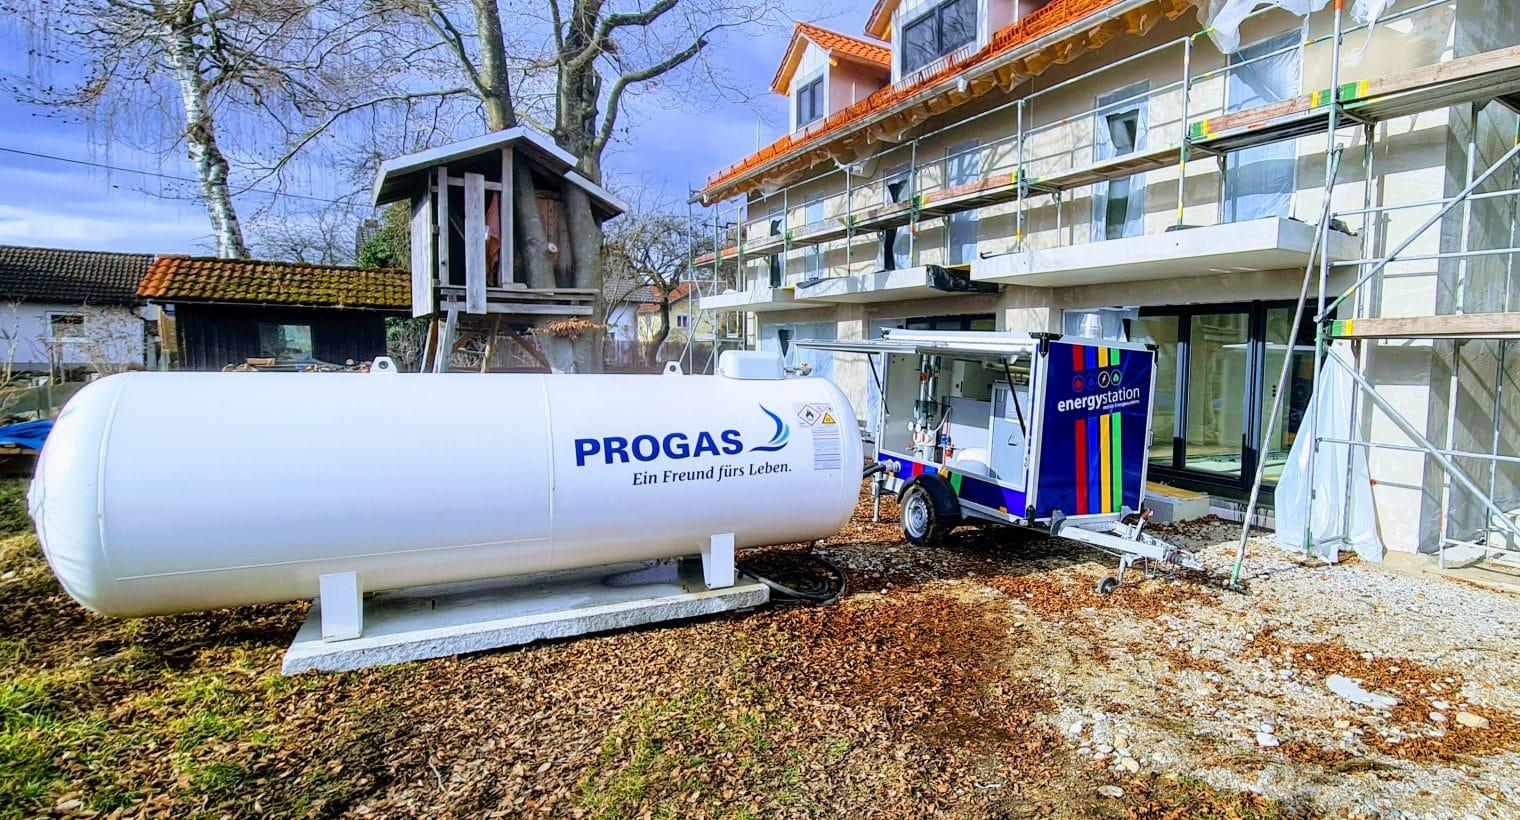 flüssiggas mobile heizzentrale